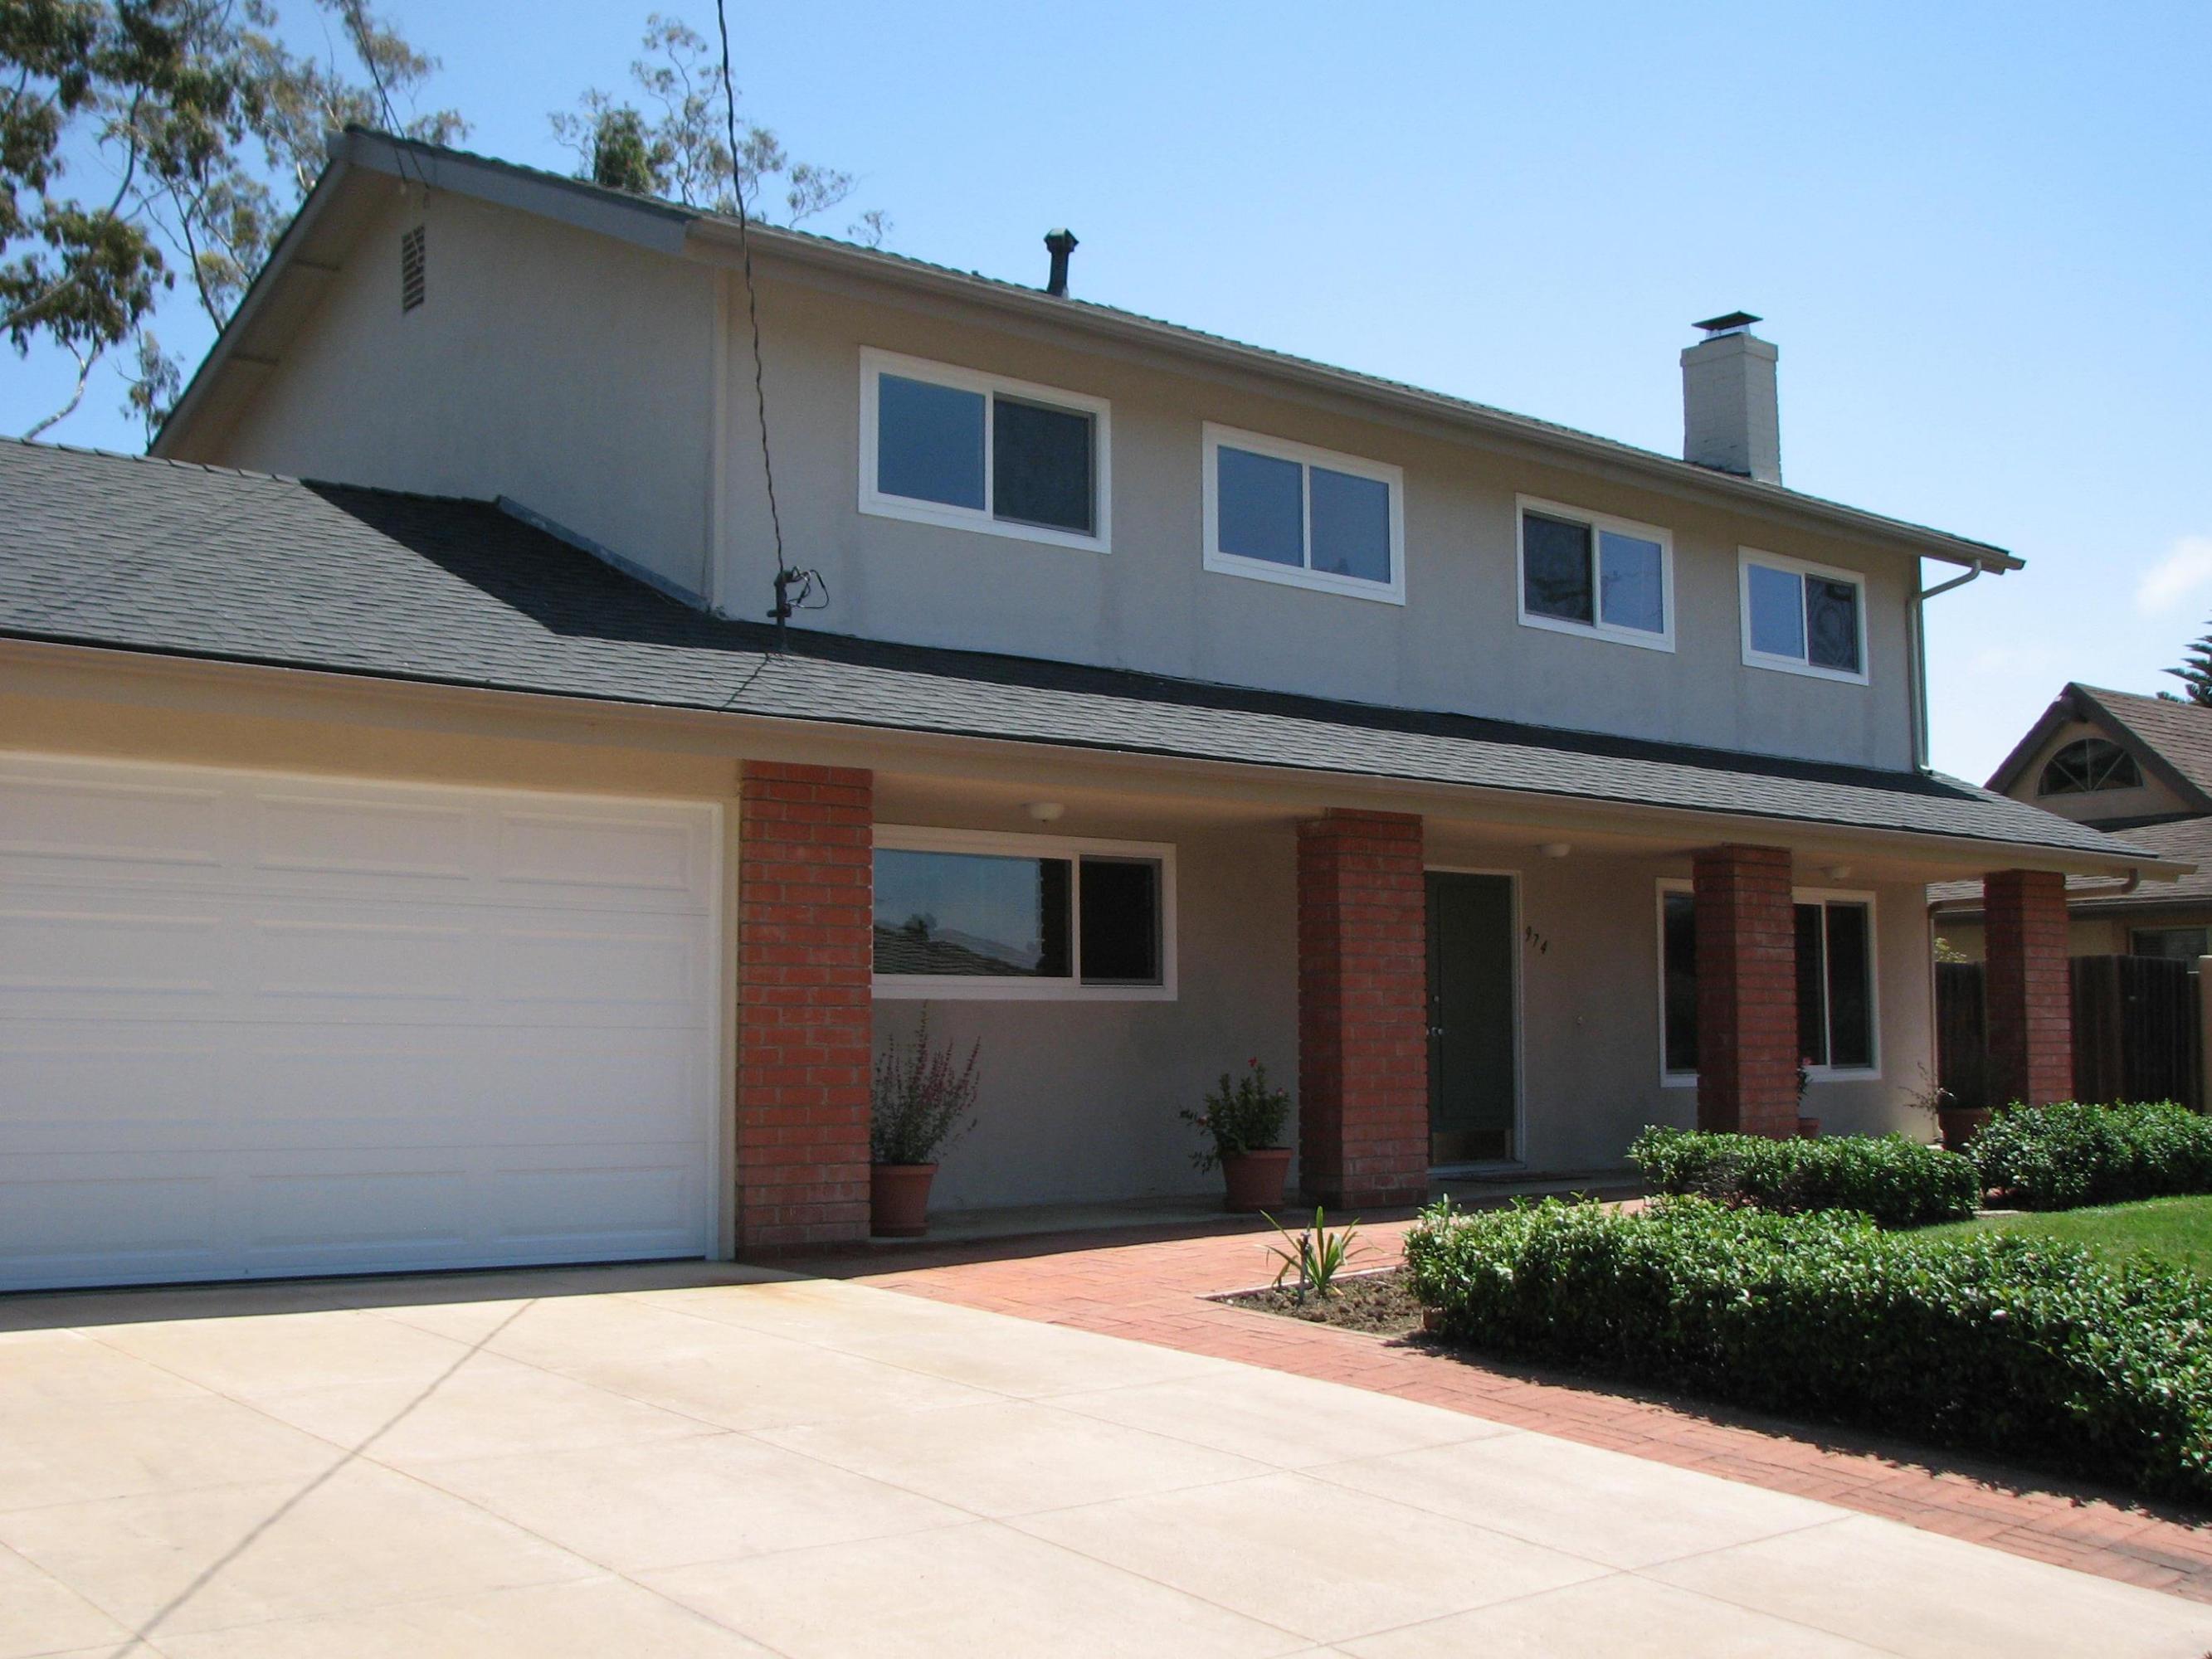 Property photo for 974 Via Bolzano Goleta, California 93117 - 13-2602